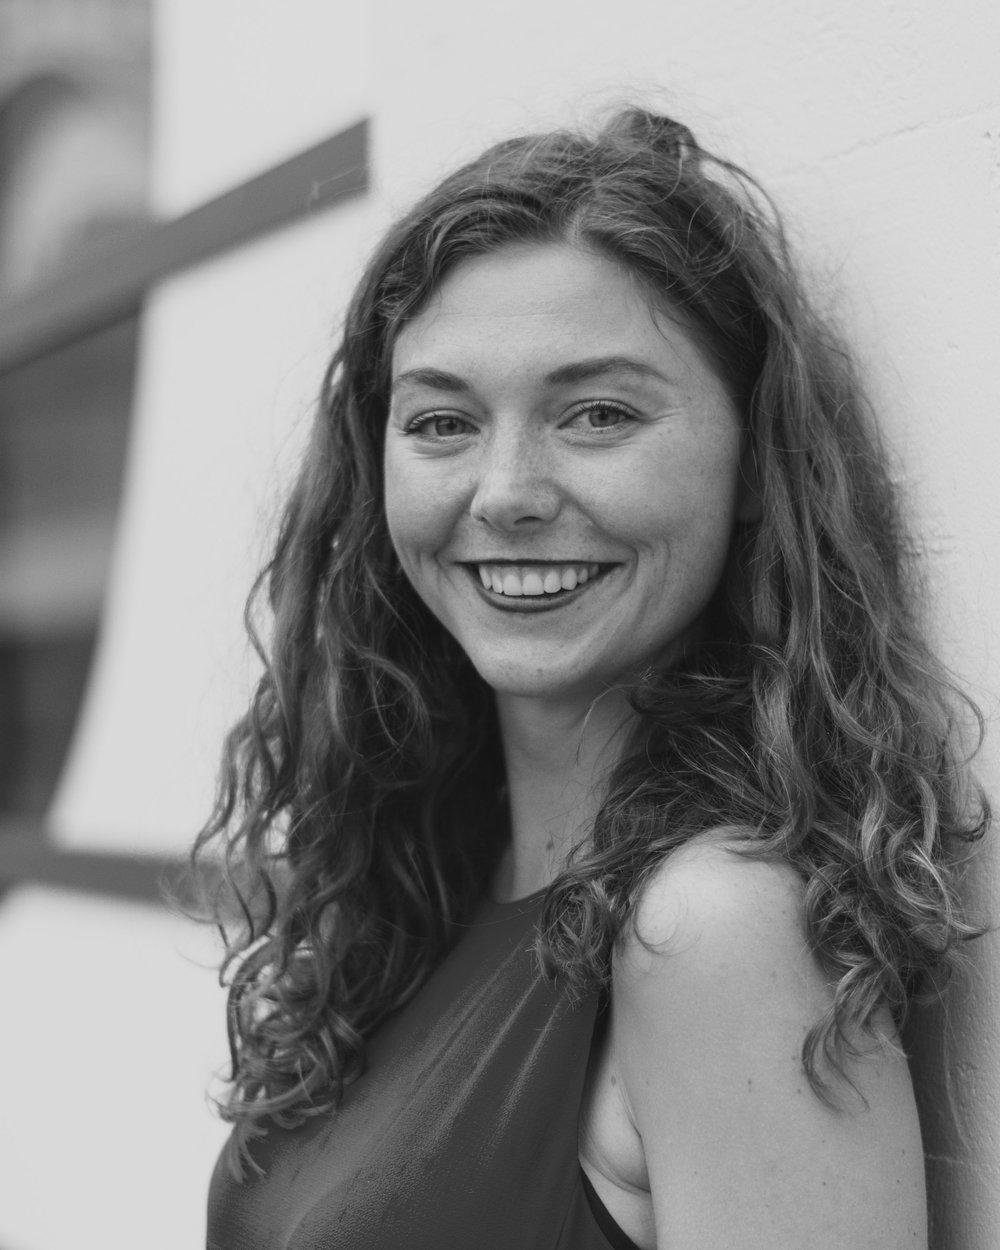 Nieuwe technologie-spotter Arwen Smit neemt je mee langs opkomende technologieën en vertelt je wat je moet weten om up to date te zijn.